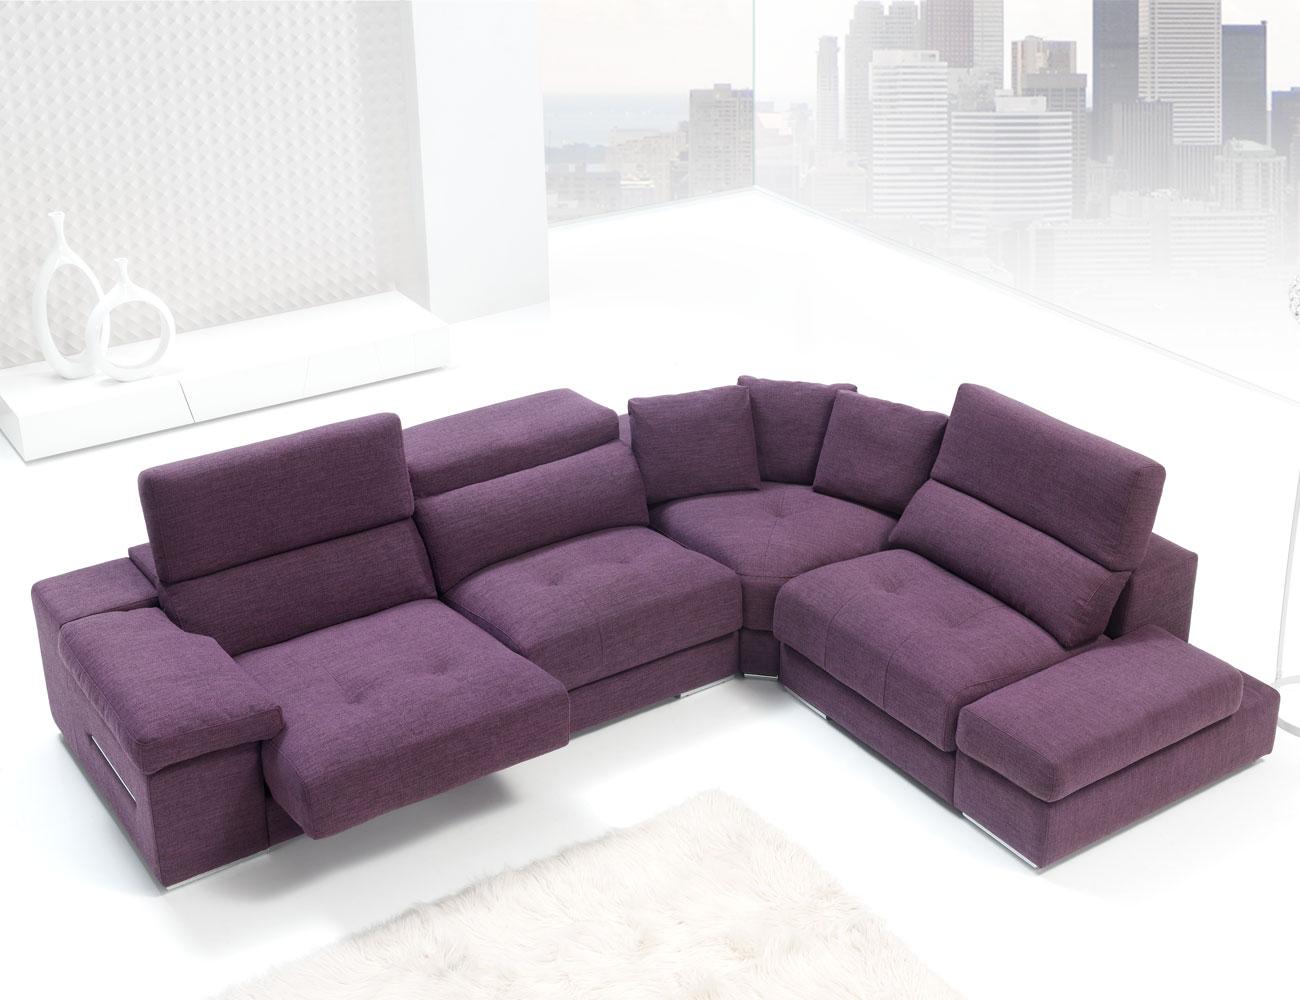 Sofa chaiselongue rincon con brazo mecanico tejido anti manchas 266